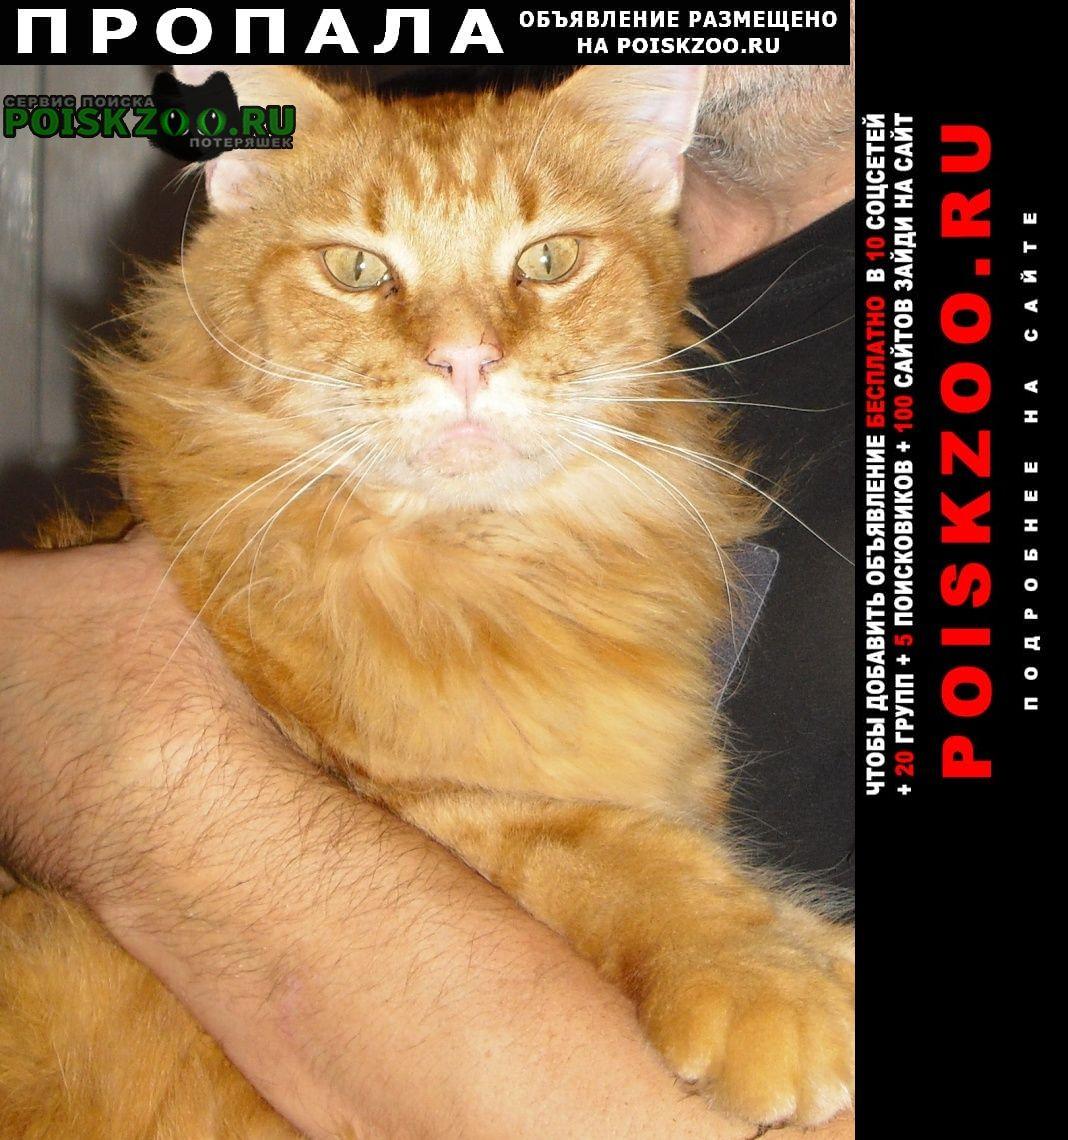 Пропала кошка большой рыжий кот Воронеж